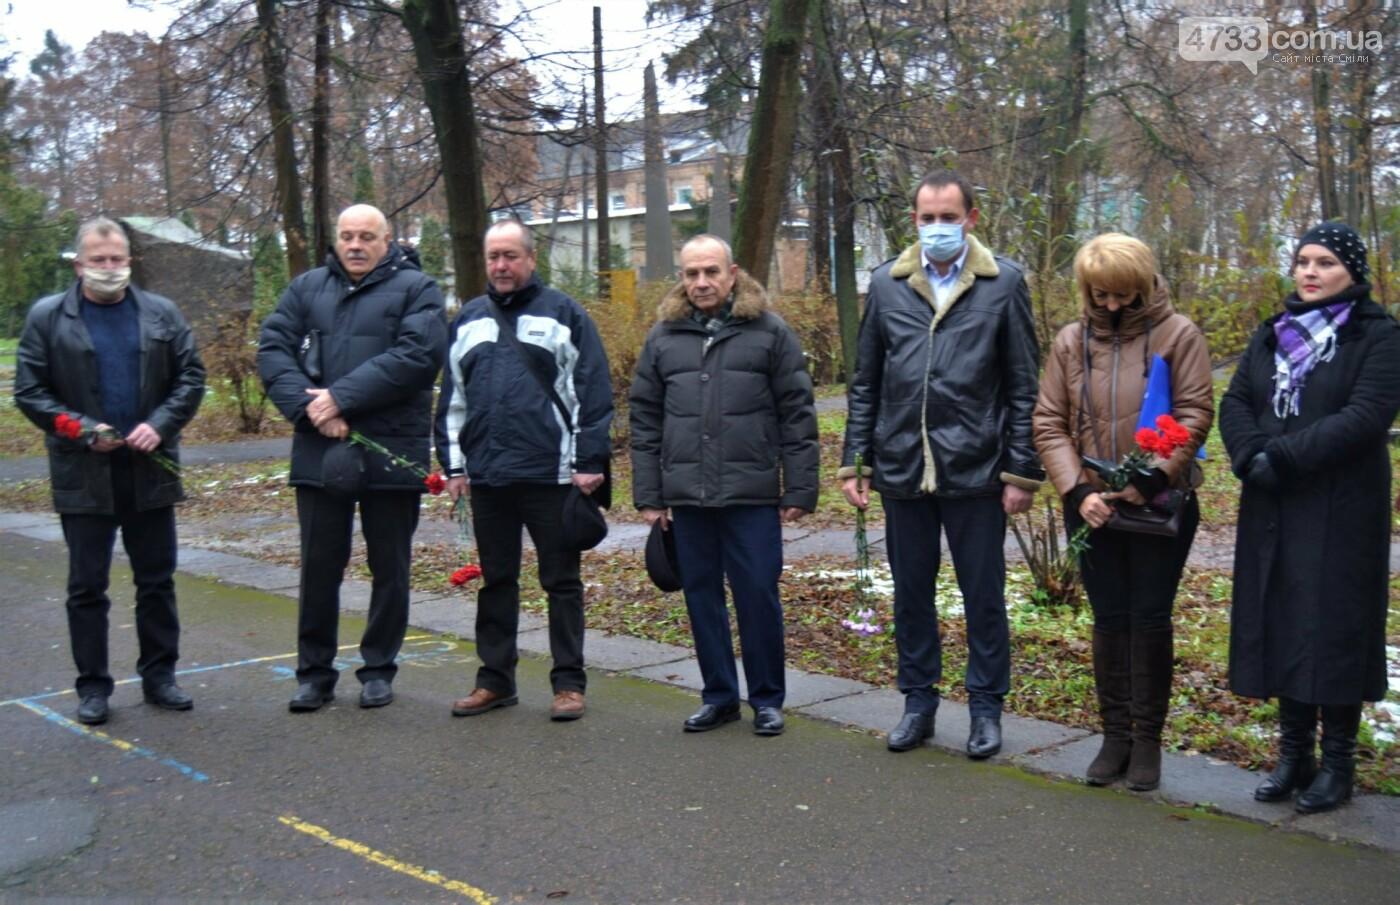 Міський голова вшановує пам'ять ліквідаторів аварії в Чорнобилі, фото-3